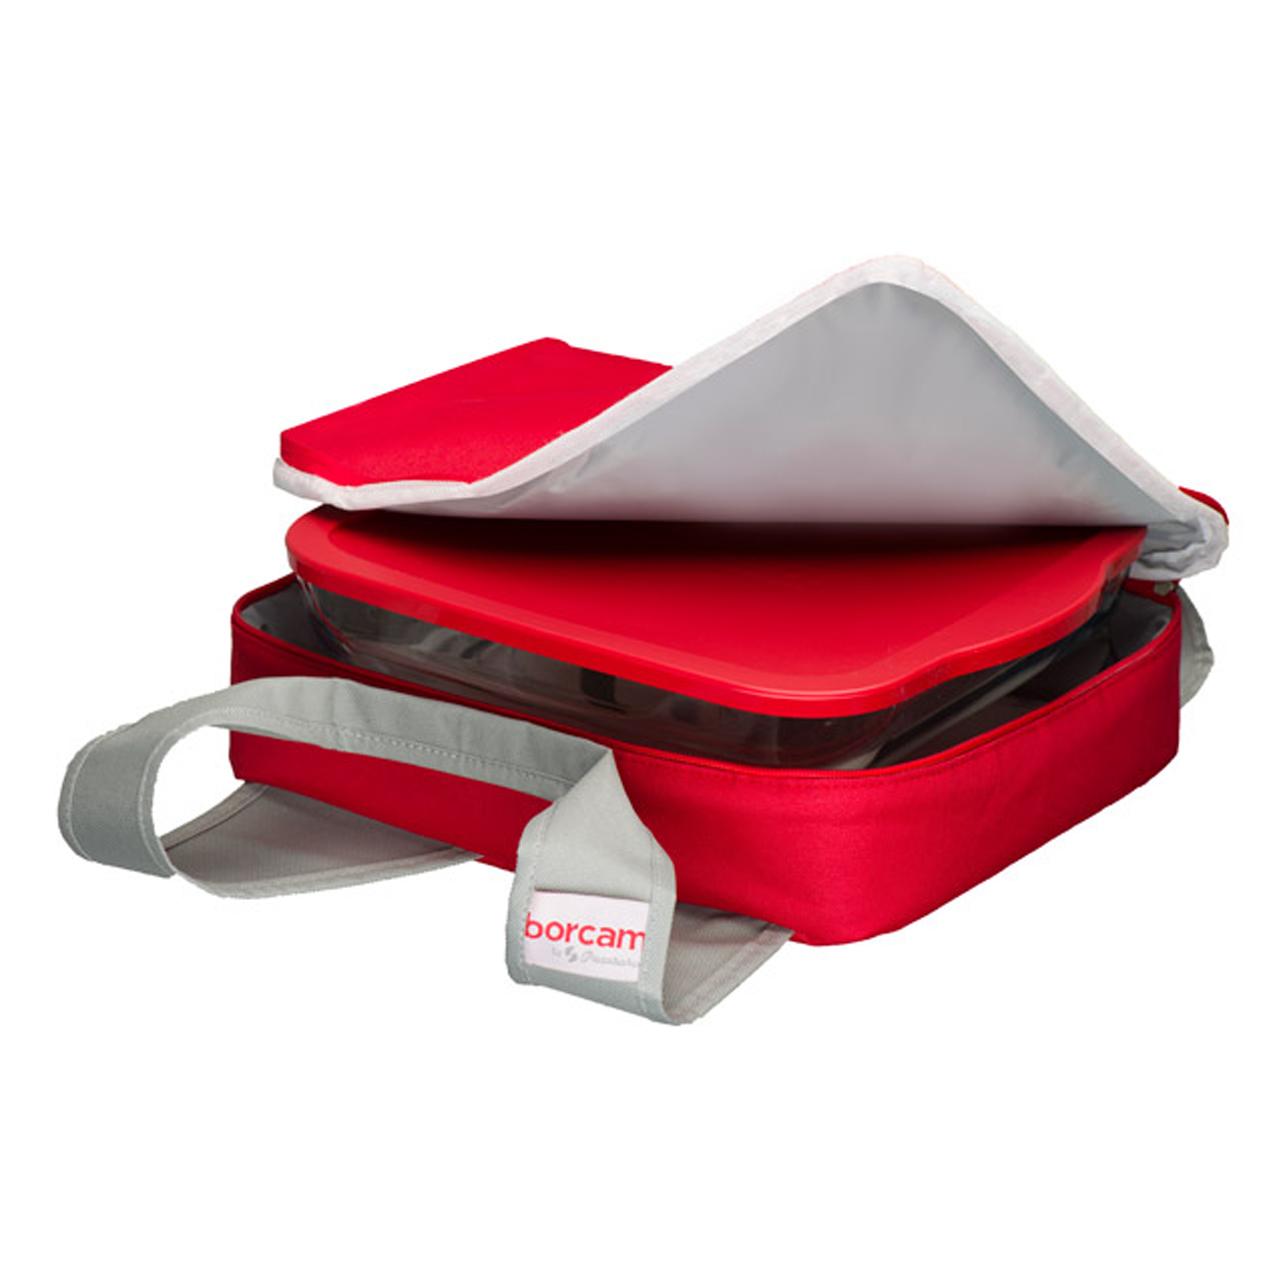 کیف خنک نگهدارنده بورجم کد 59024 به همراه ظرف